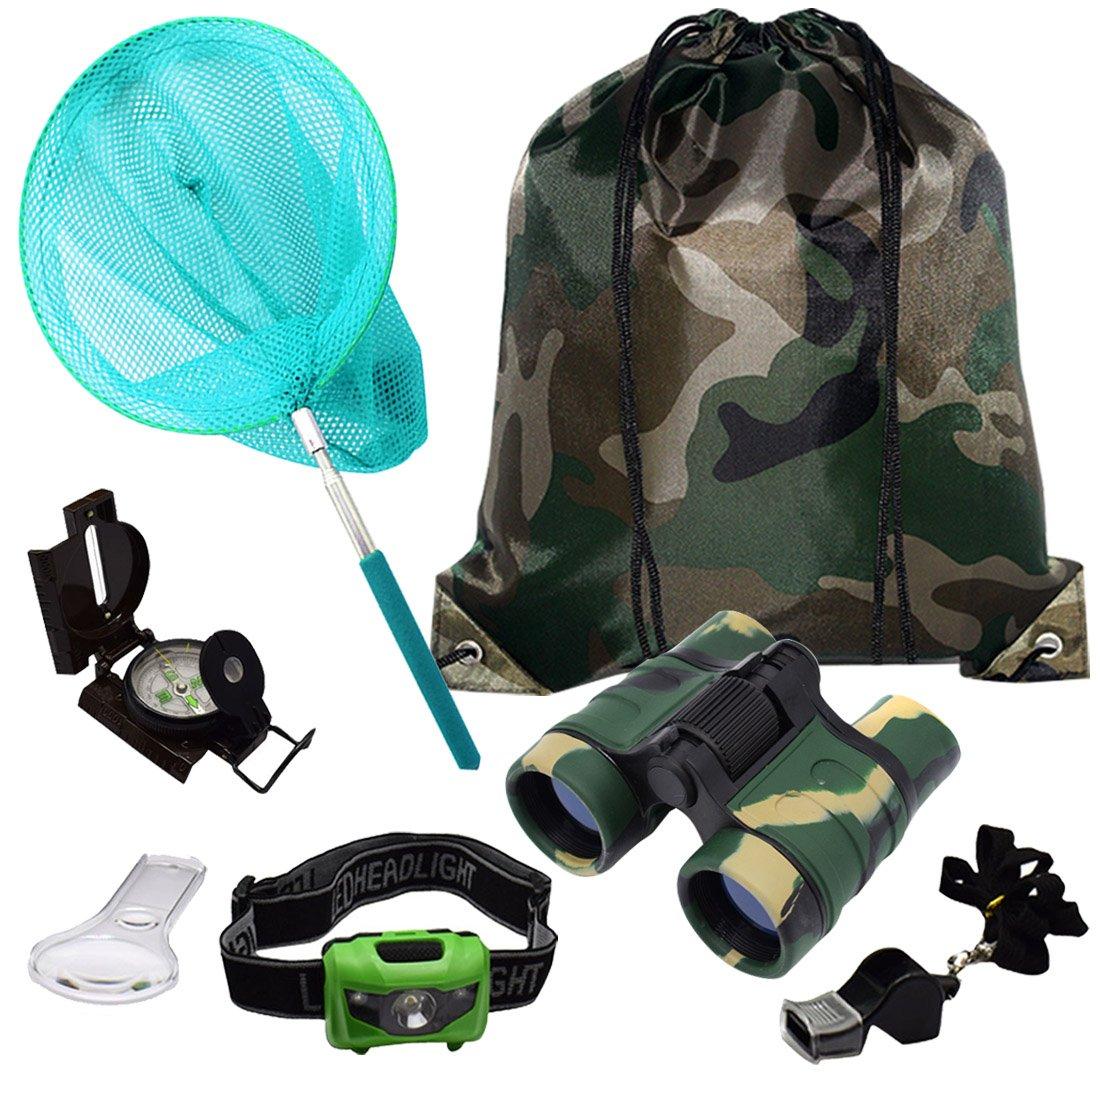 shaqmarsキッズアウトドアアドベンチャーセット:教育子供のおもちゃ双眼鏡、LEDヘッドランプ懐中電灯、コンパス、拡大鏡WhistleバタフライNet &バックパック(迷彩色) Great Kidzギフトセット B07CTHSJ5P